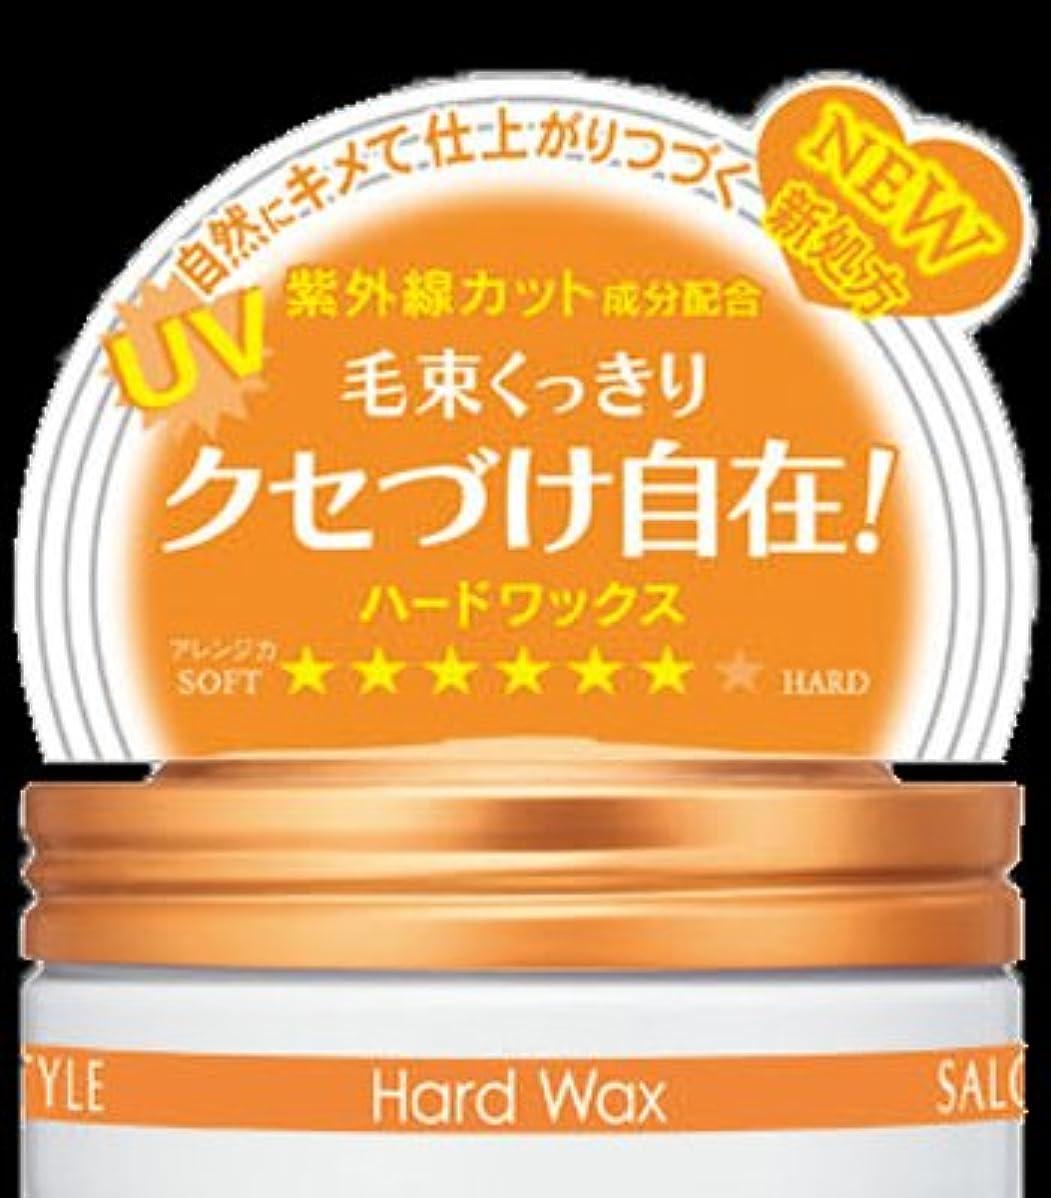 満足海外で溶かすコーセー サロンスタイル ヘアワックスC ハード 75g さわやかなフルーティフローラルの香り×48点セット (4971710313574)